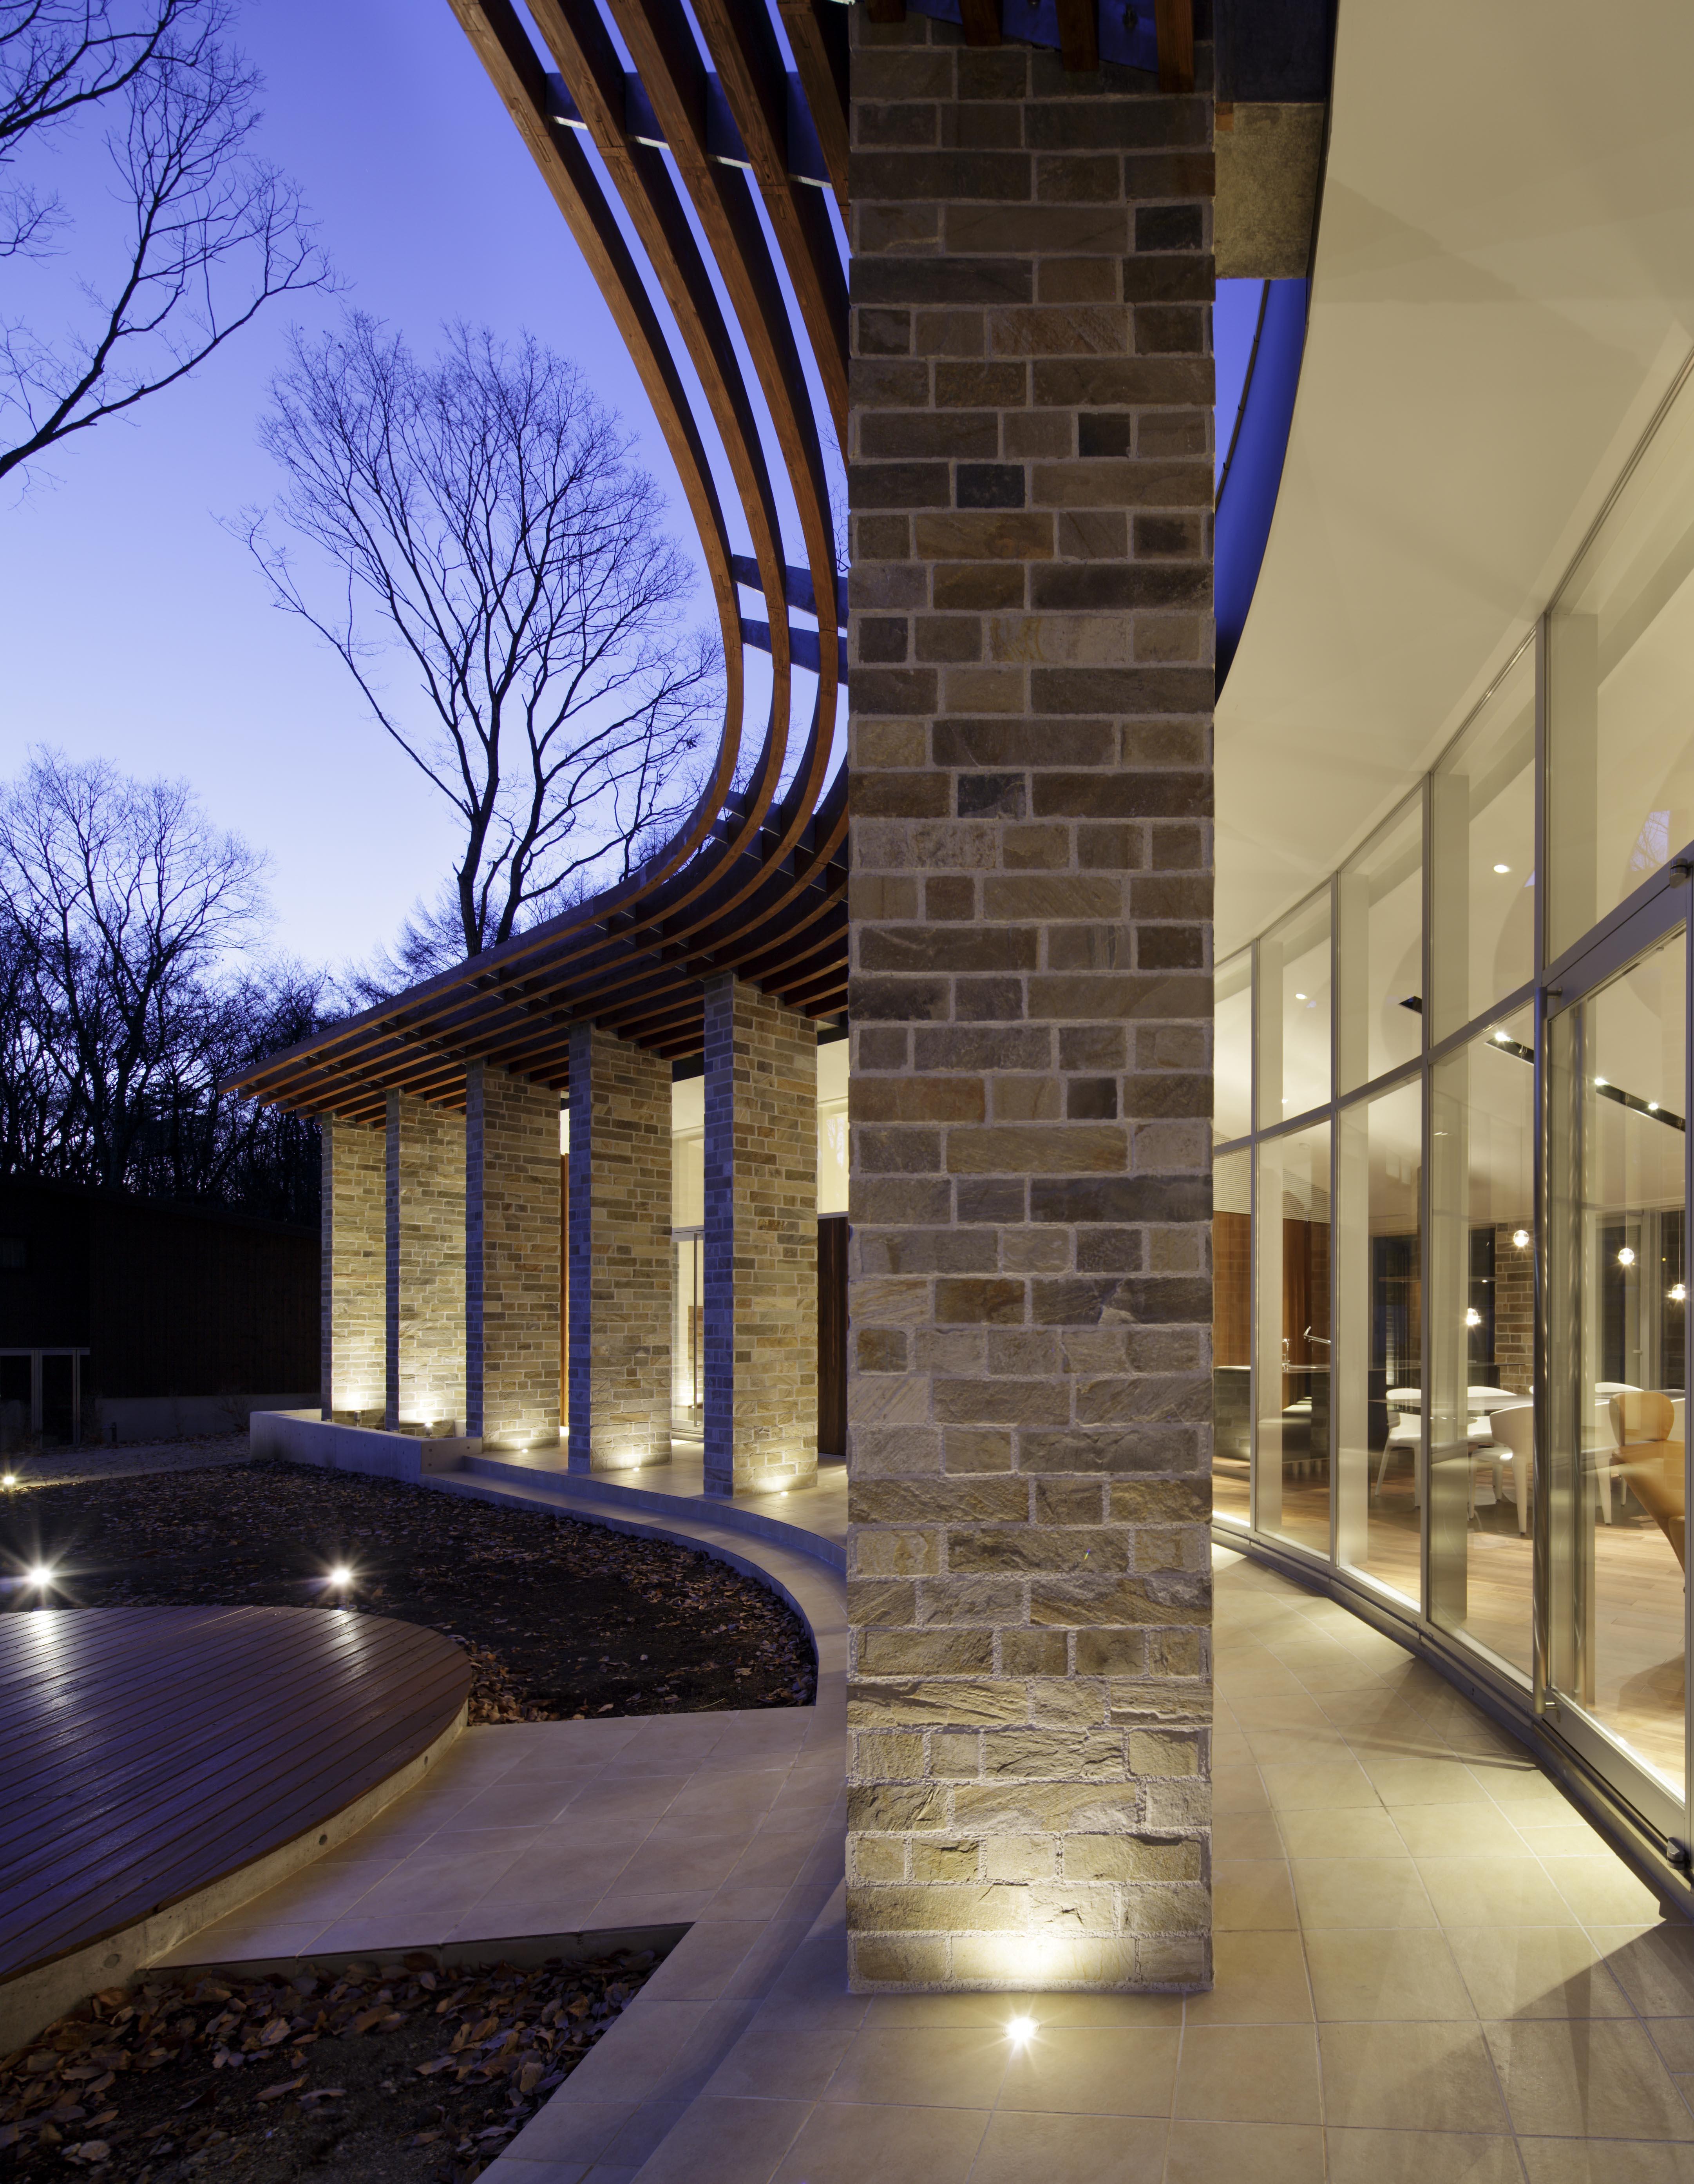 軽井沢の高級別荘建築 | 弧線上のVILLA | Mアーキテクツ